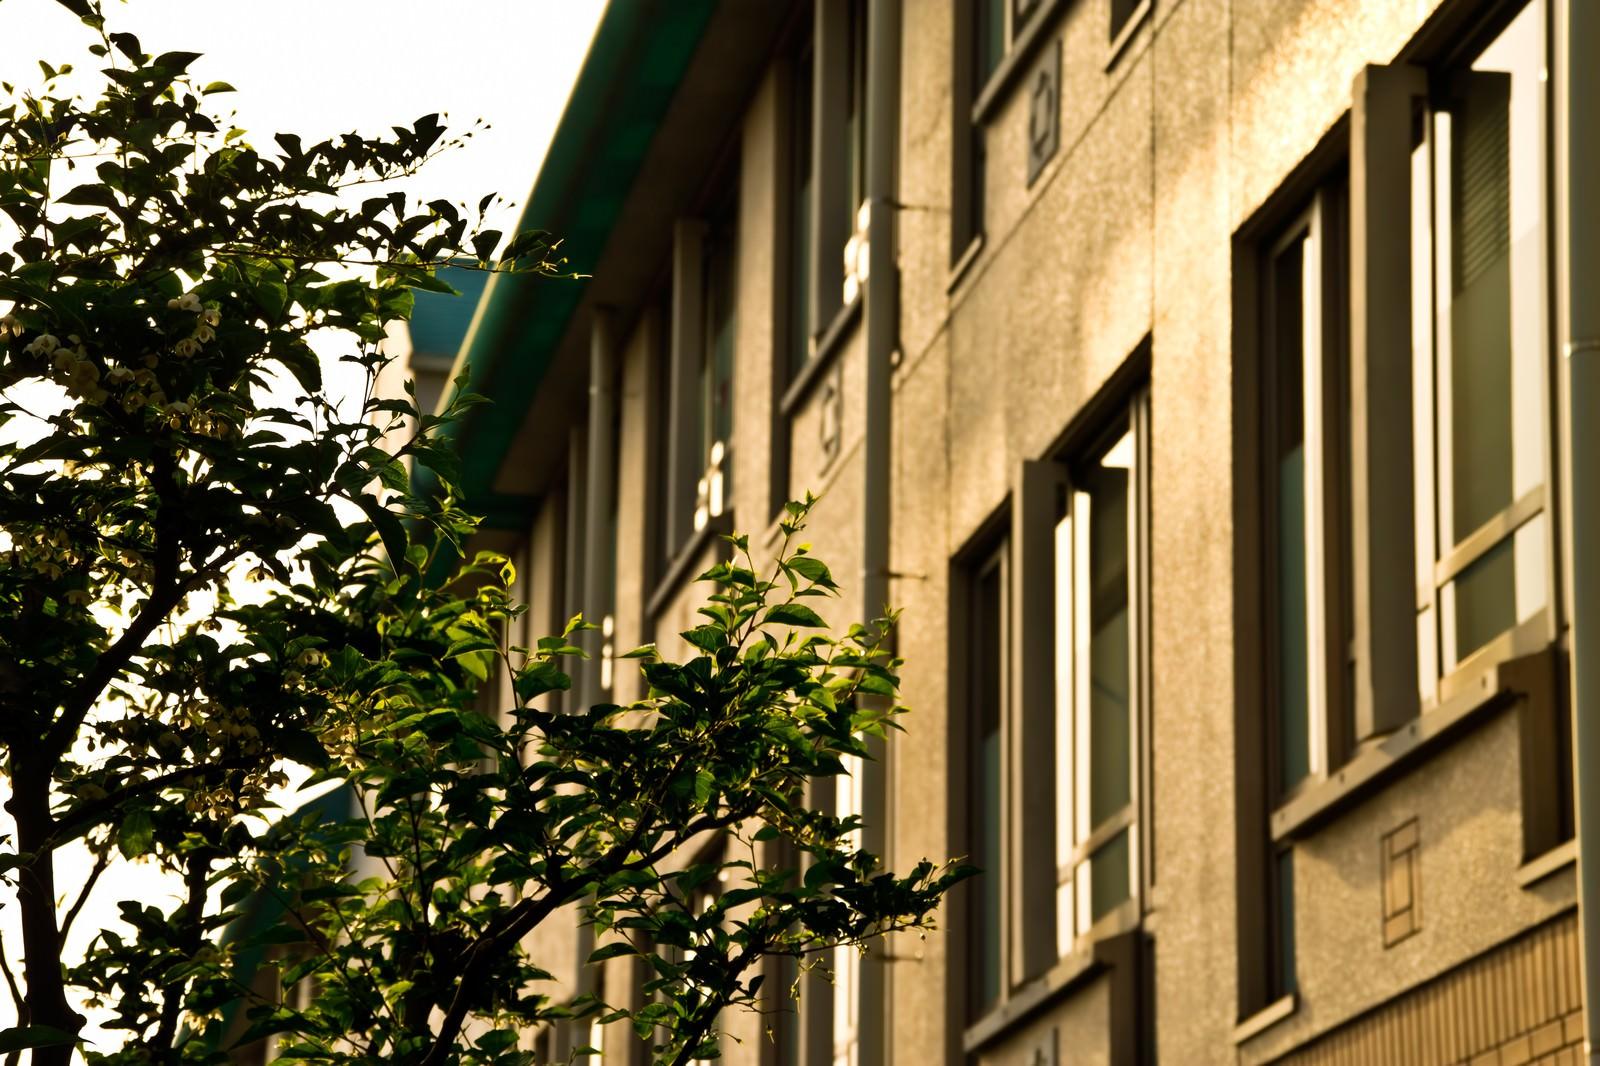 「夕暮れの学校校舎」の写真